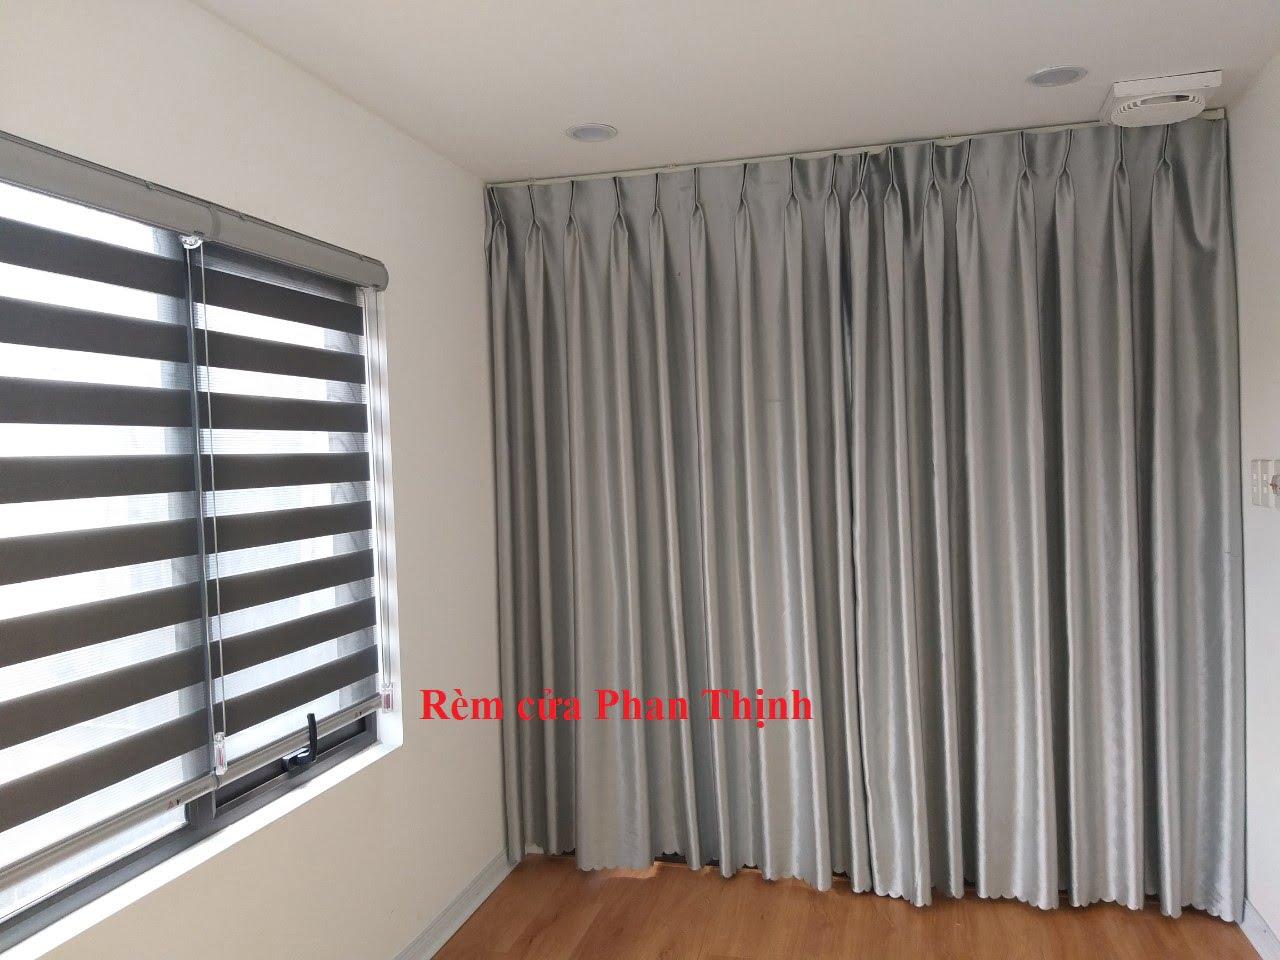 Hình ảnh hoàn thiện của bộ rèm vải cho cửa chính của phòng